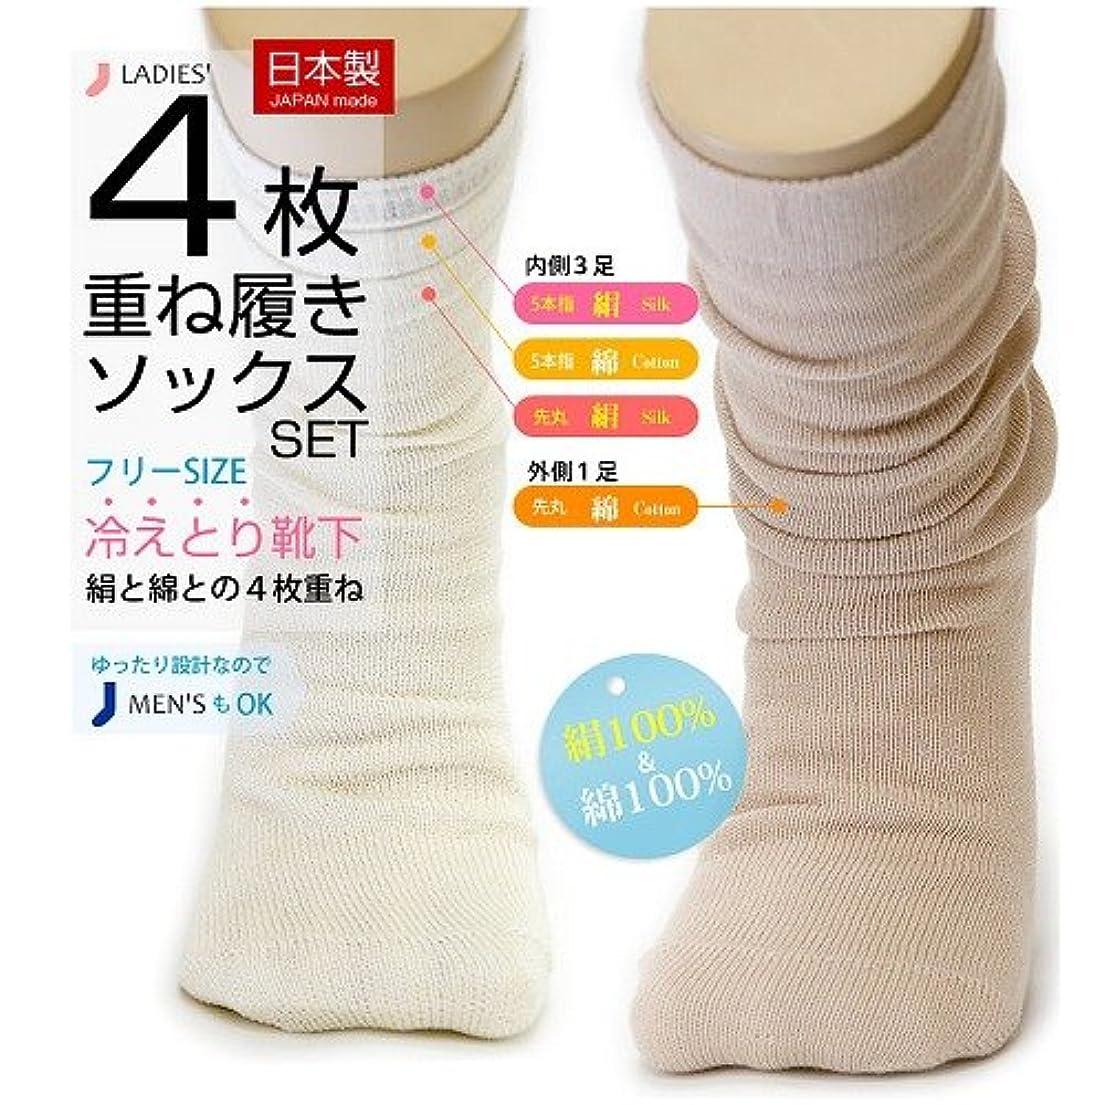 ホラーネブゲスト冷え取り靴下 綿100%とシルク100% 最高級の日本製 4枚重ねばきセット(外側ライトグレー)